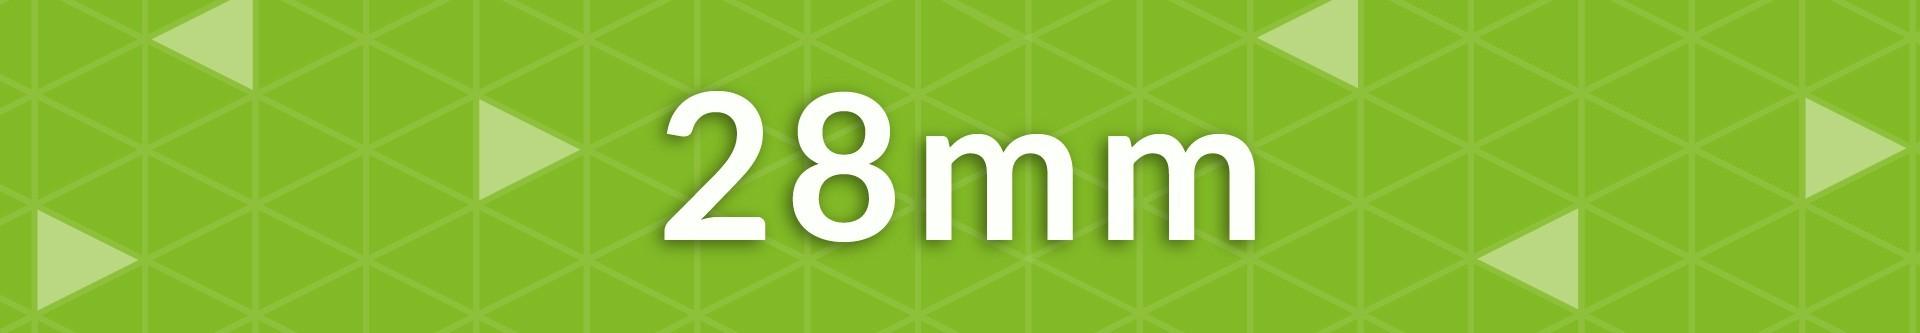 Grosor 28 mm